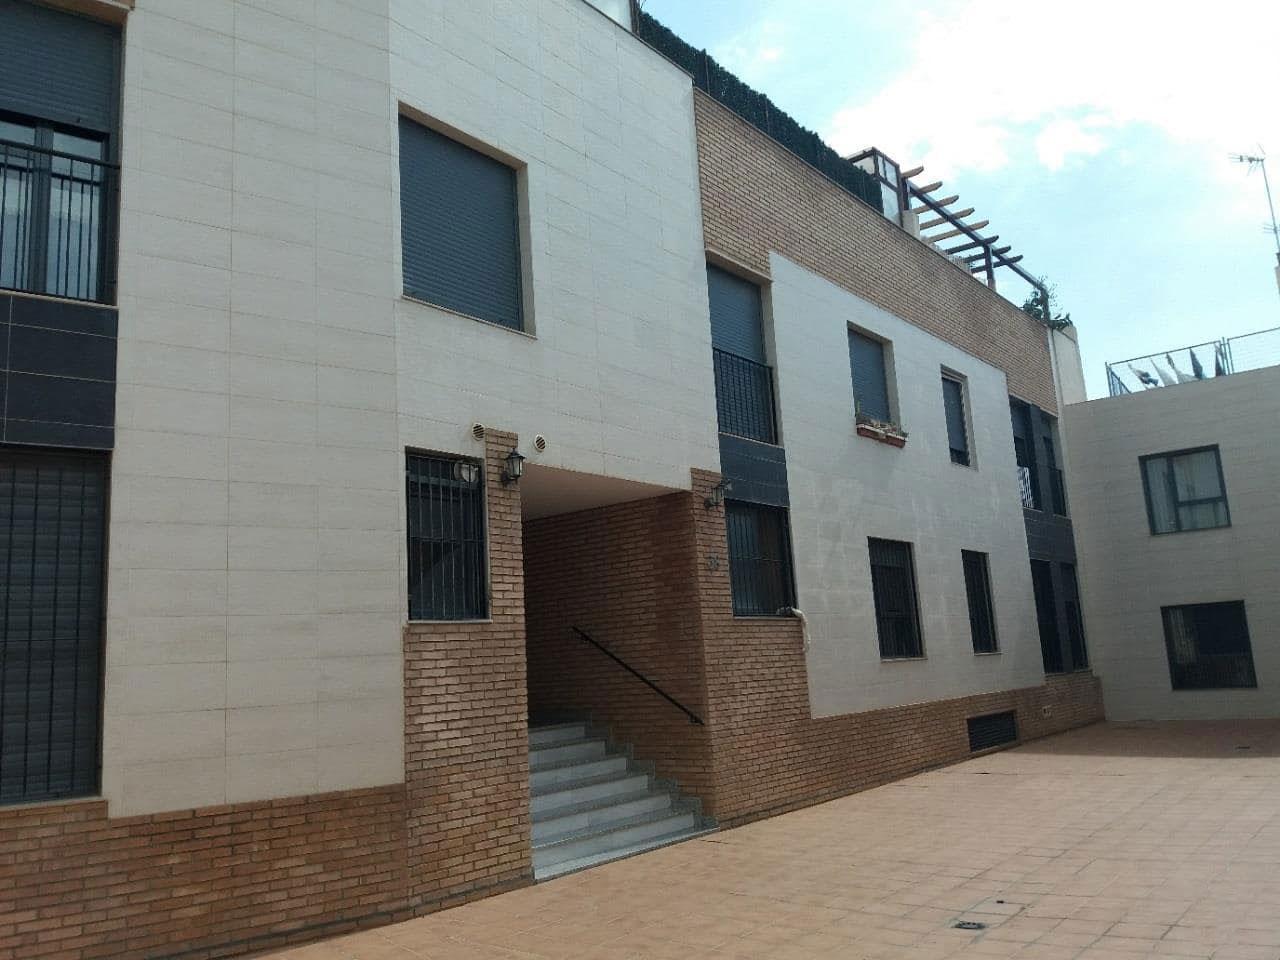 Piso en venta en Huércal de Almería, Almería, Calle Ferrocarril, 99.900 €, 3 habitaciones, 1 baño, 166 m2